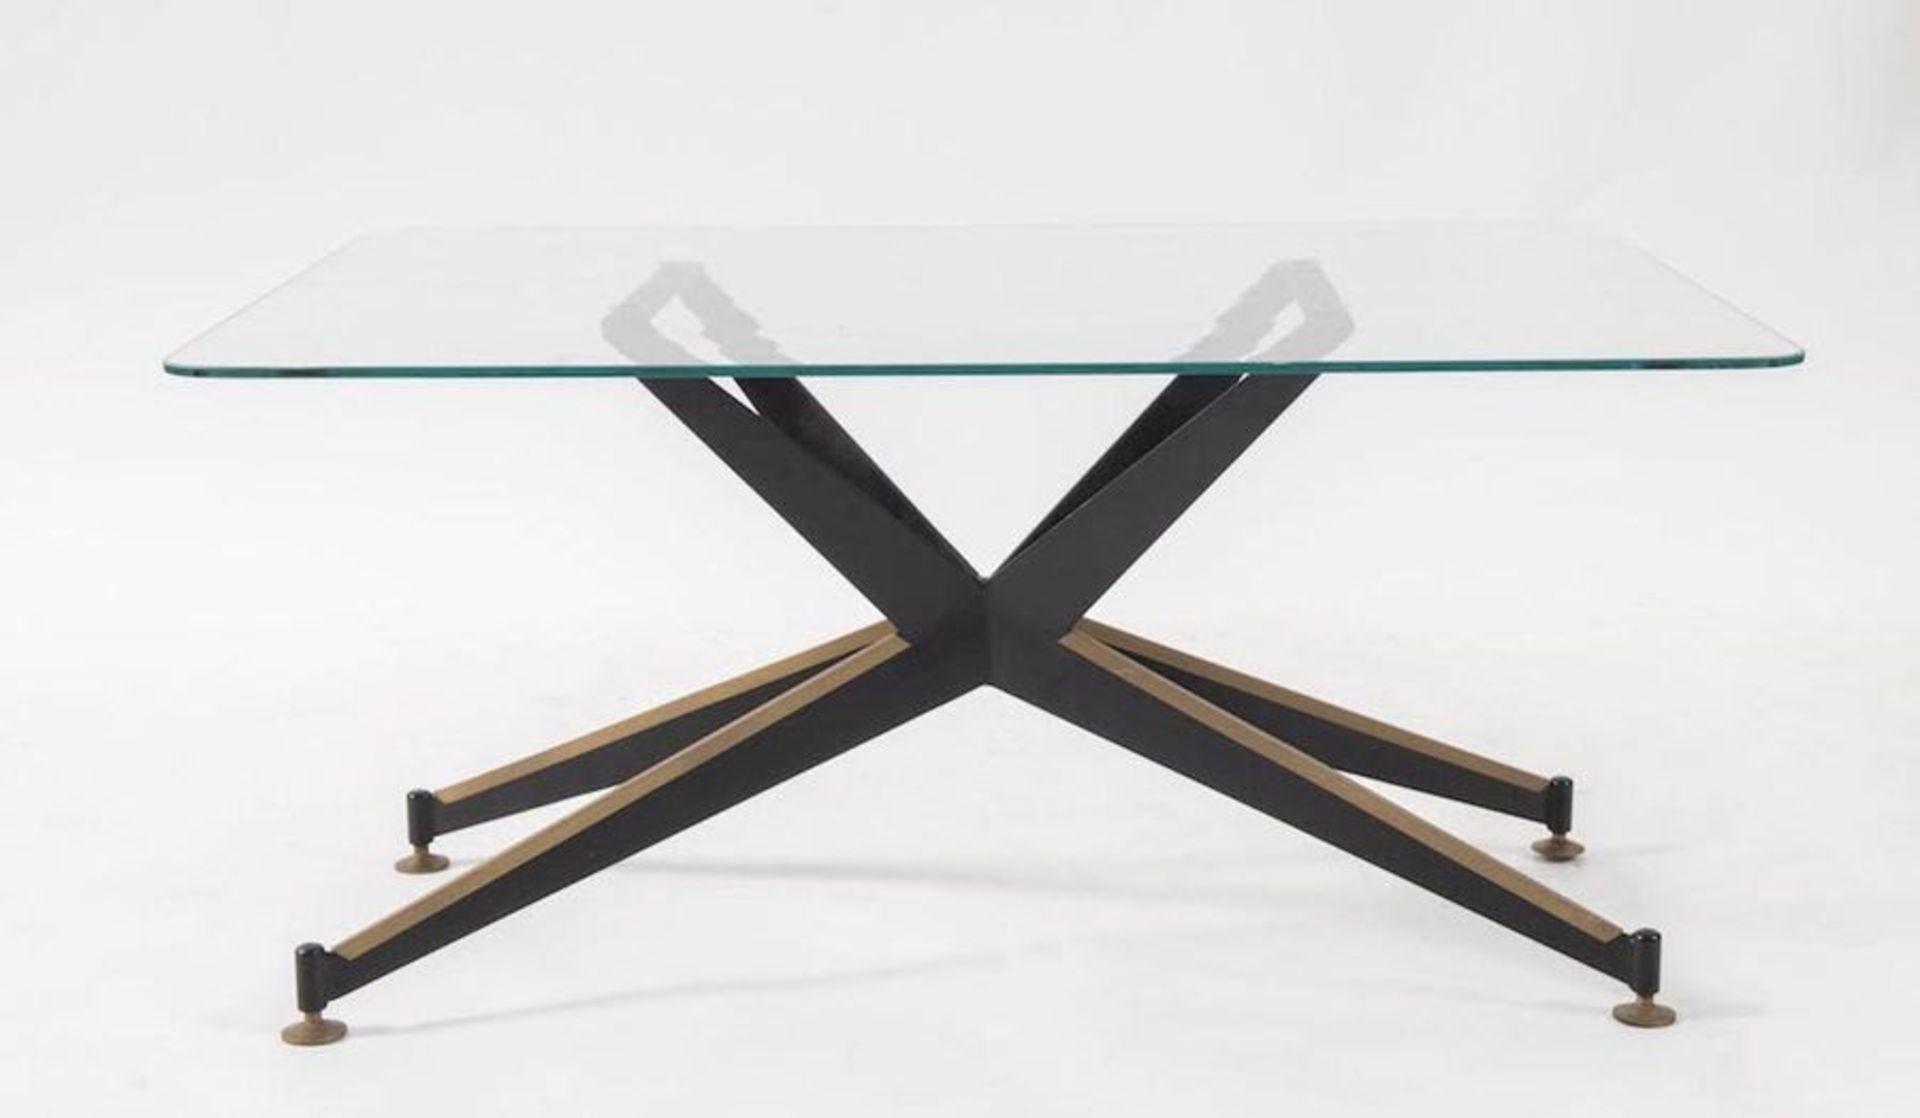 Tavolo da caffè in metallo e ottone con piano in vetro. Prod. Italia, 1960 ca. Cm 39,5x80x59,5.